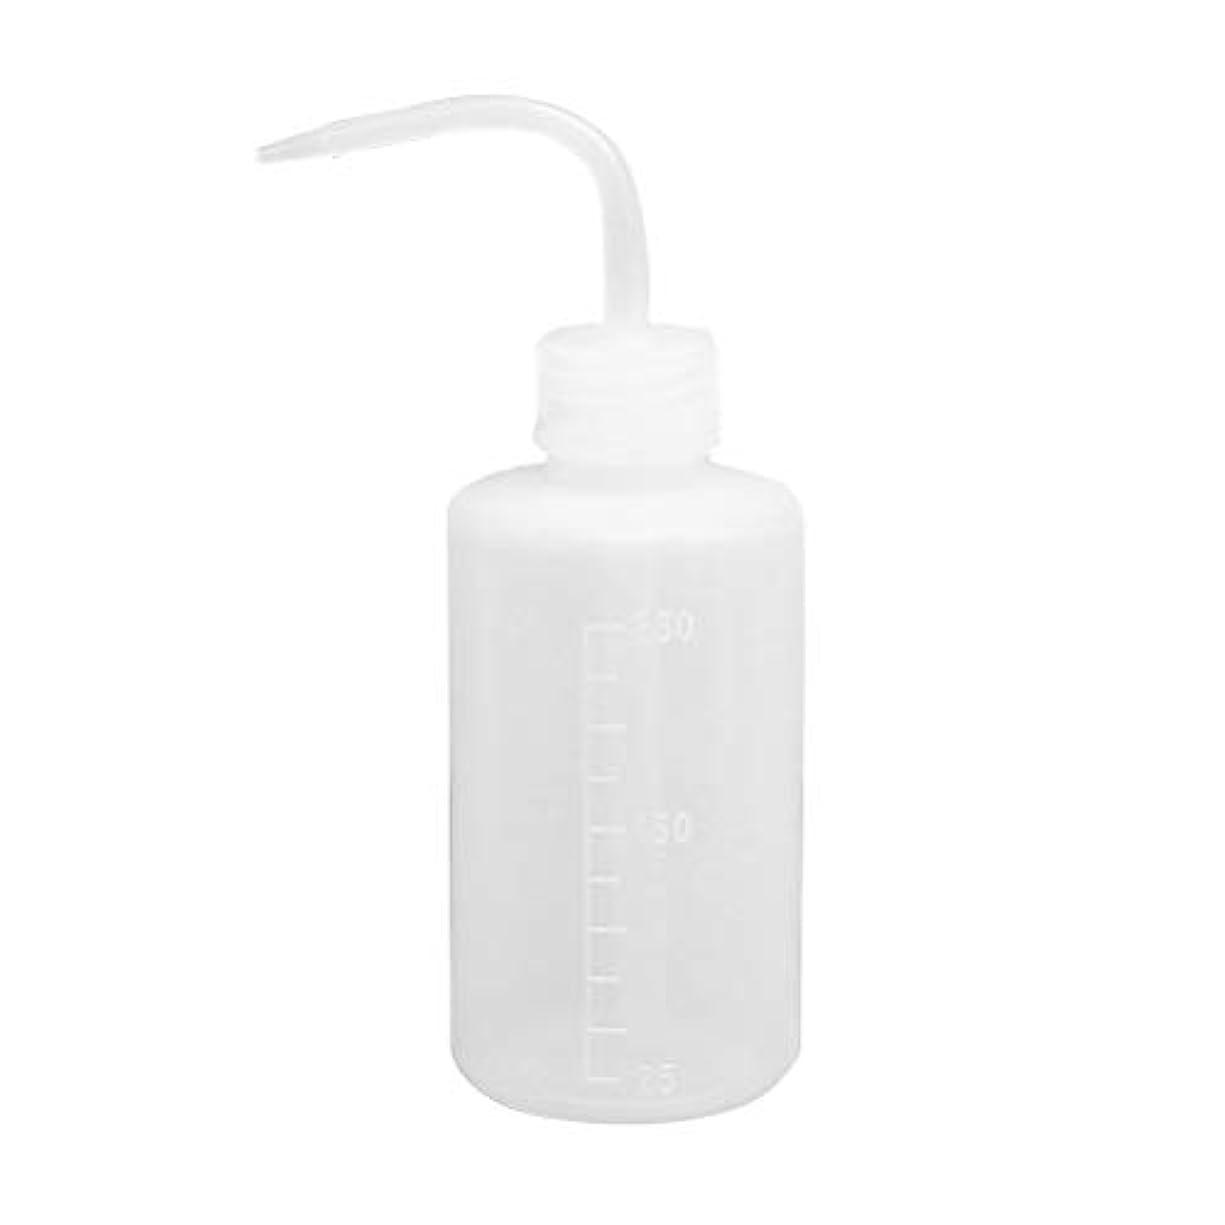 ゾーンプレートあらゆる種類のHealifty ベント口付き洗浄瓶絞り瓶250ml